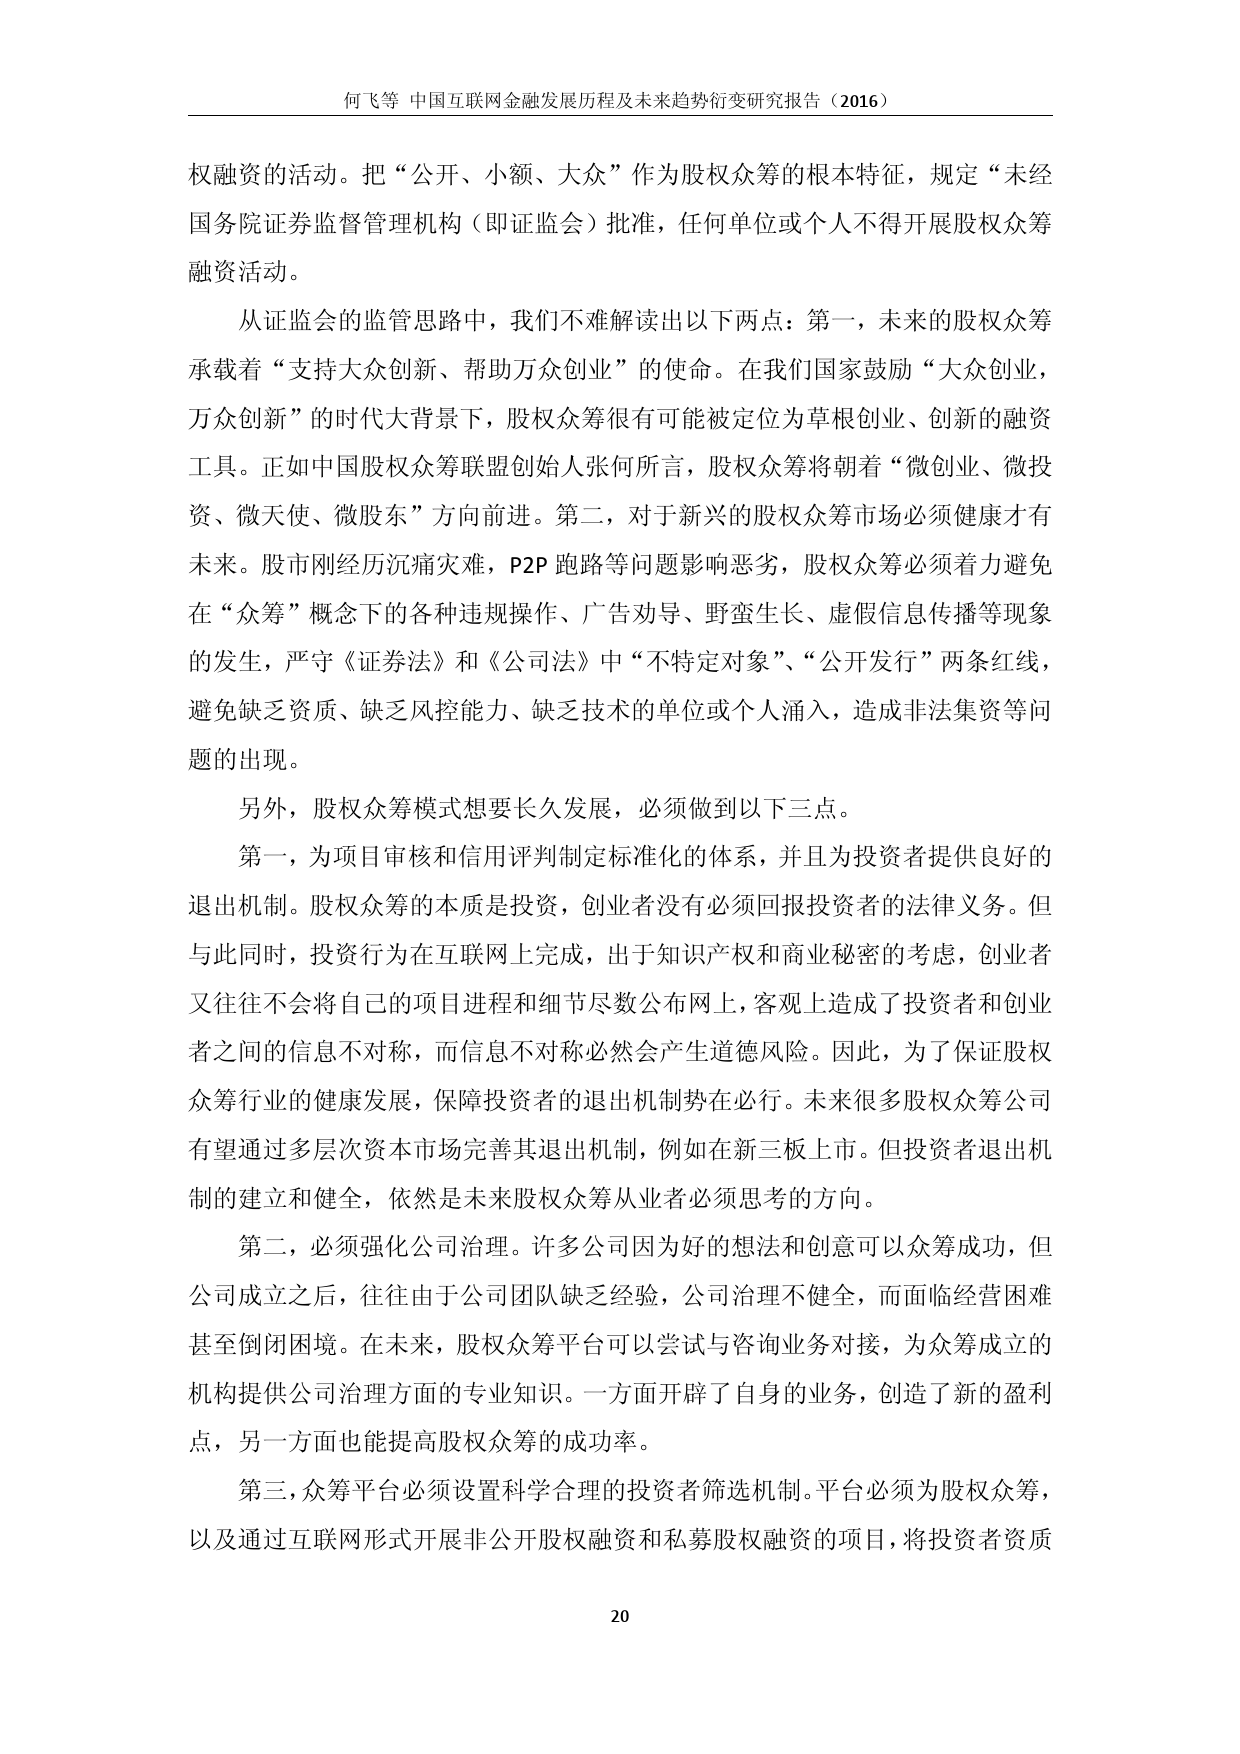 中国互联网金融发展历程及未来趋势衍变研究报告(2016)_000025